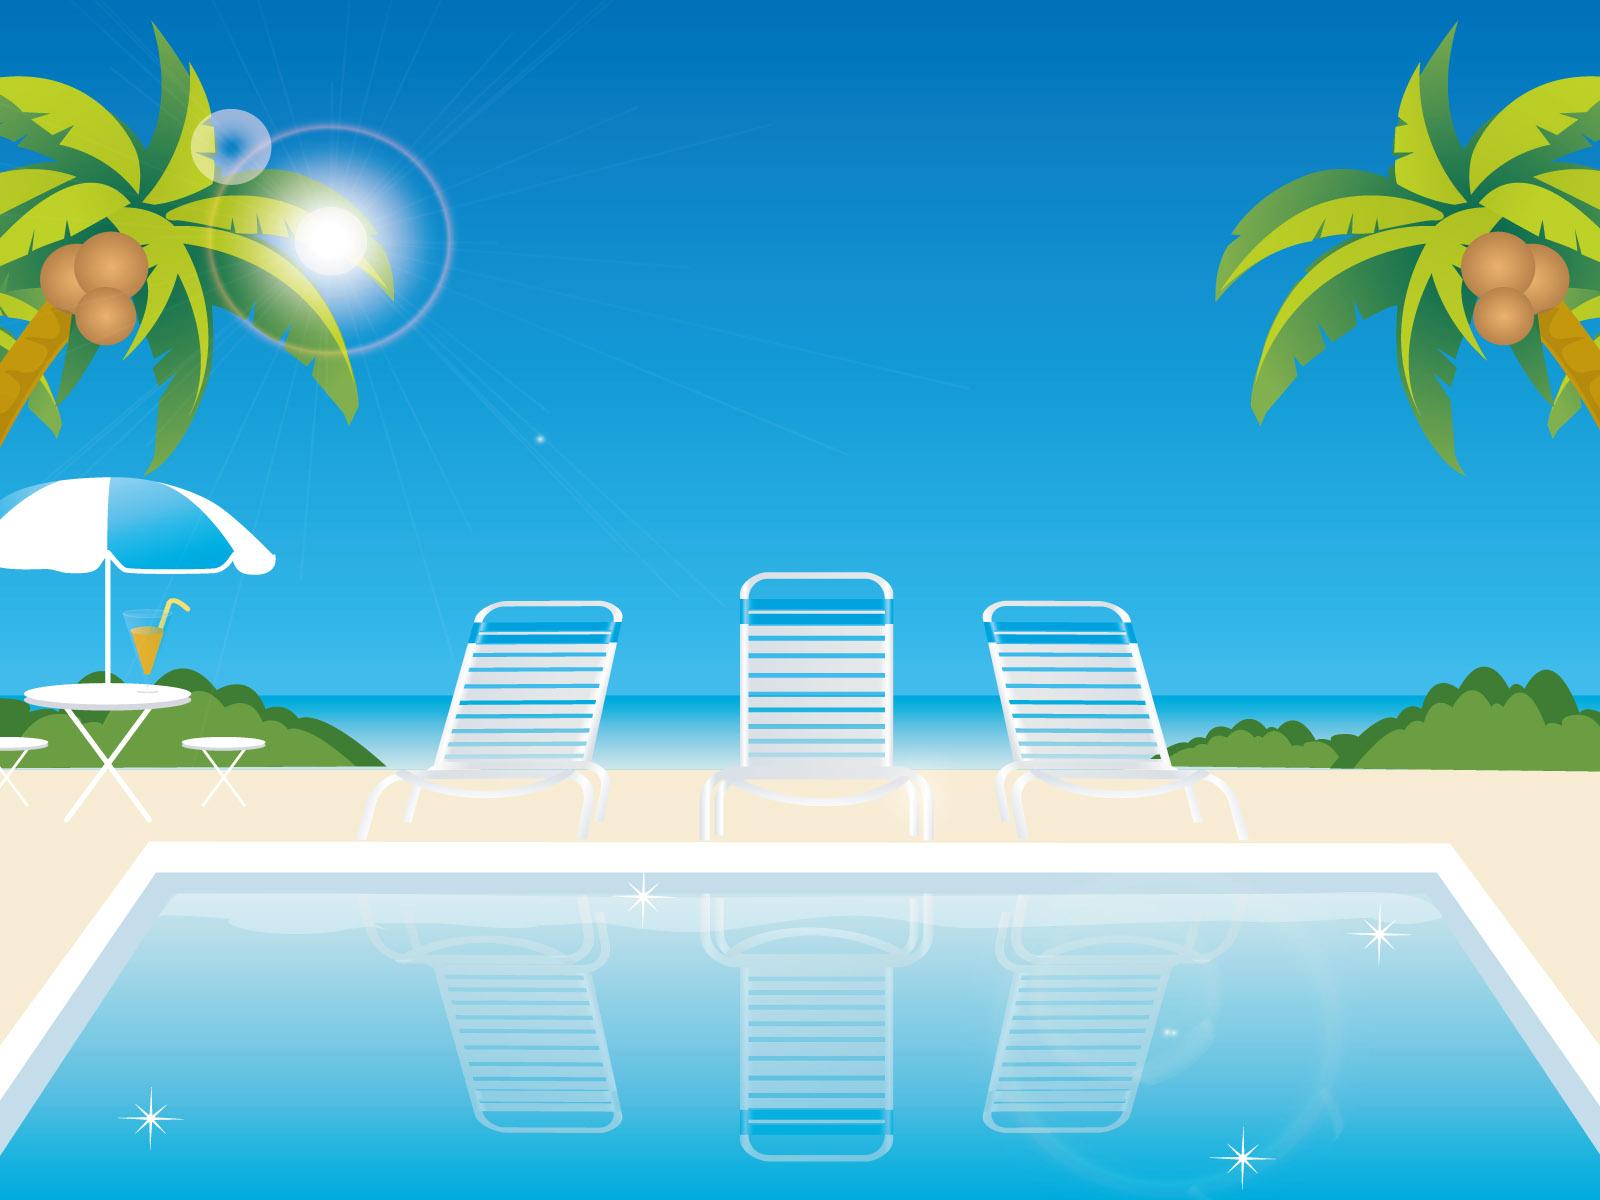 壁纸1600×1200矢量夏日海滩 1 20壁纸 矢量风光 矢量夏日海滩 第一辑壁纸图片矢量壁纸矢量图片素材桌面壁纸